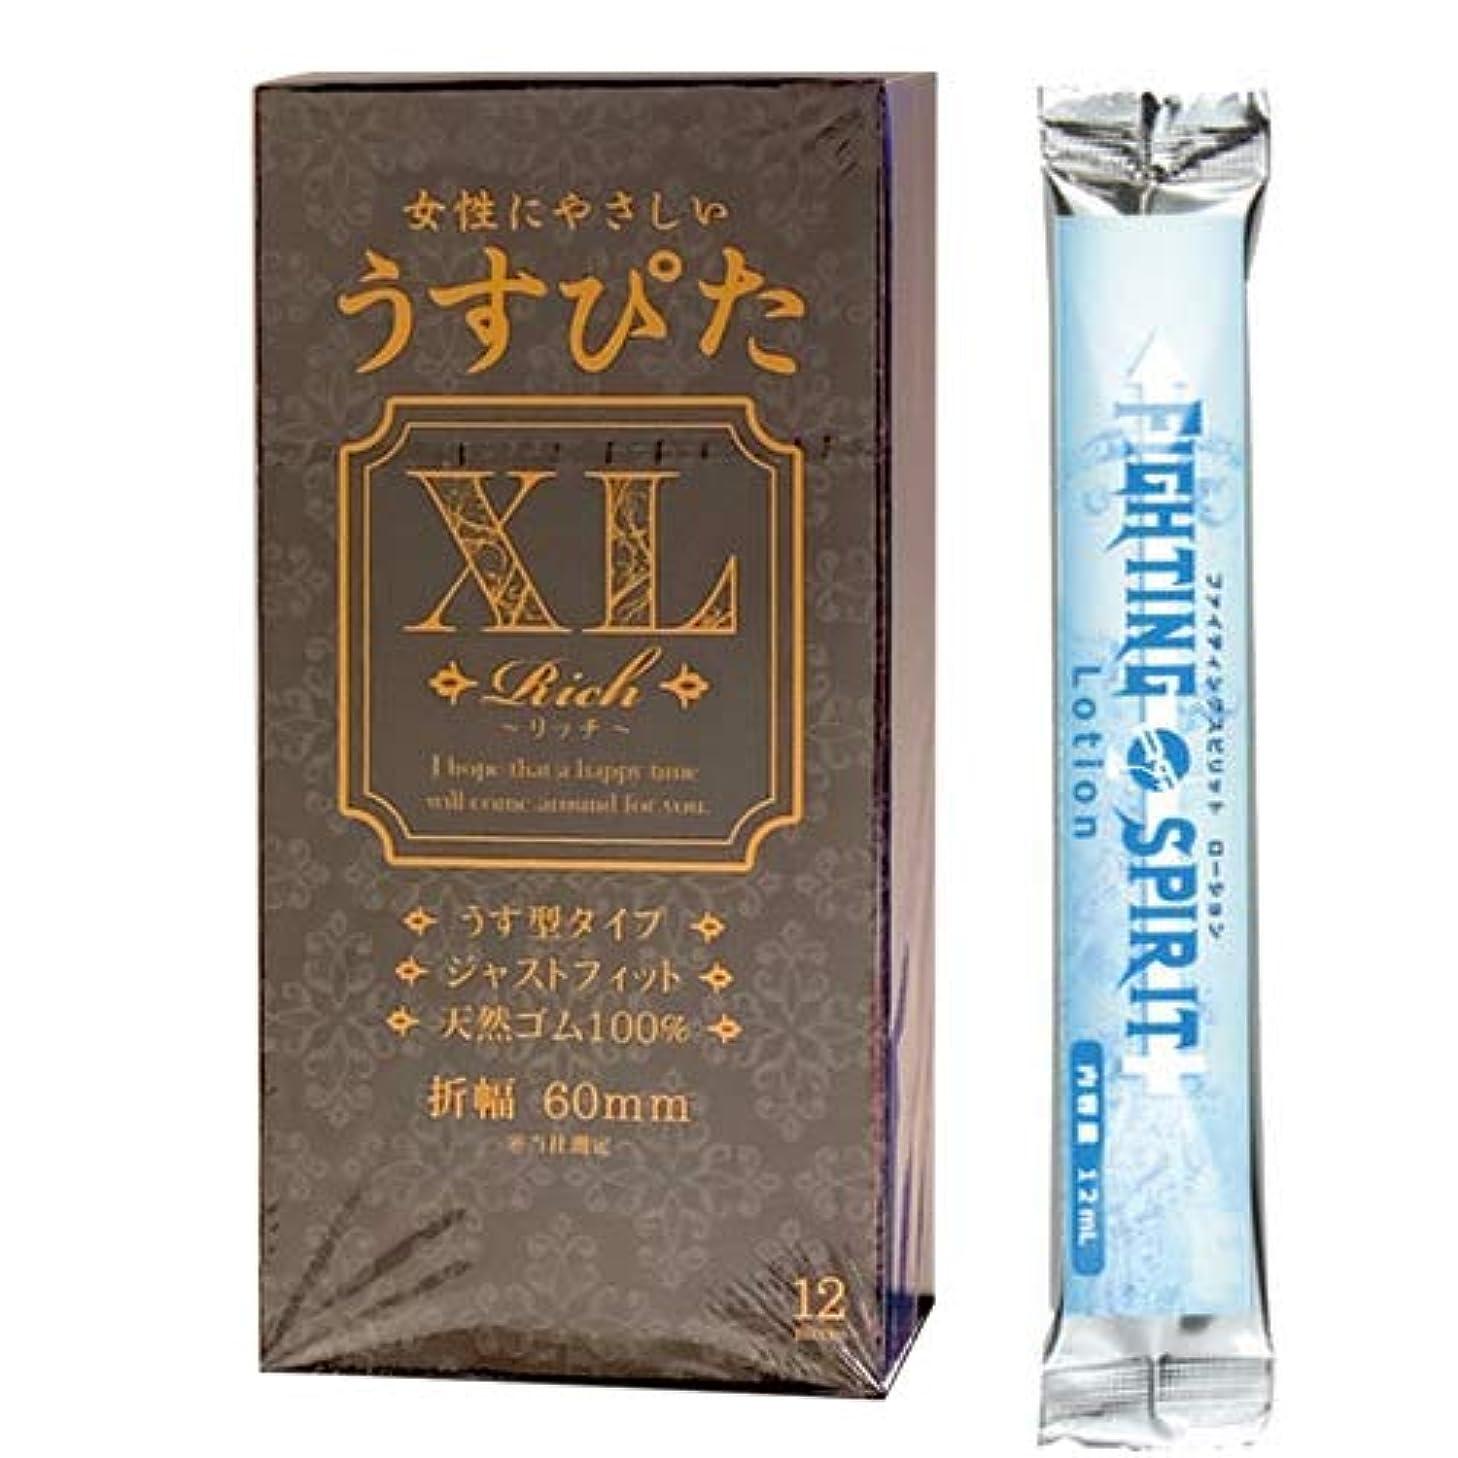 食事監督する普通にジャパンメディカル うすぴた XL Rich(リッチ)コンドーム 12個入3個セット + ファイティングスピリットローション12mL